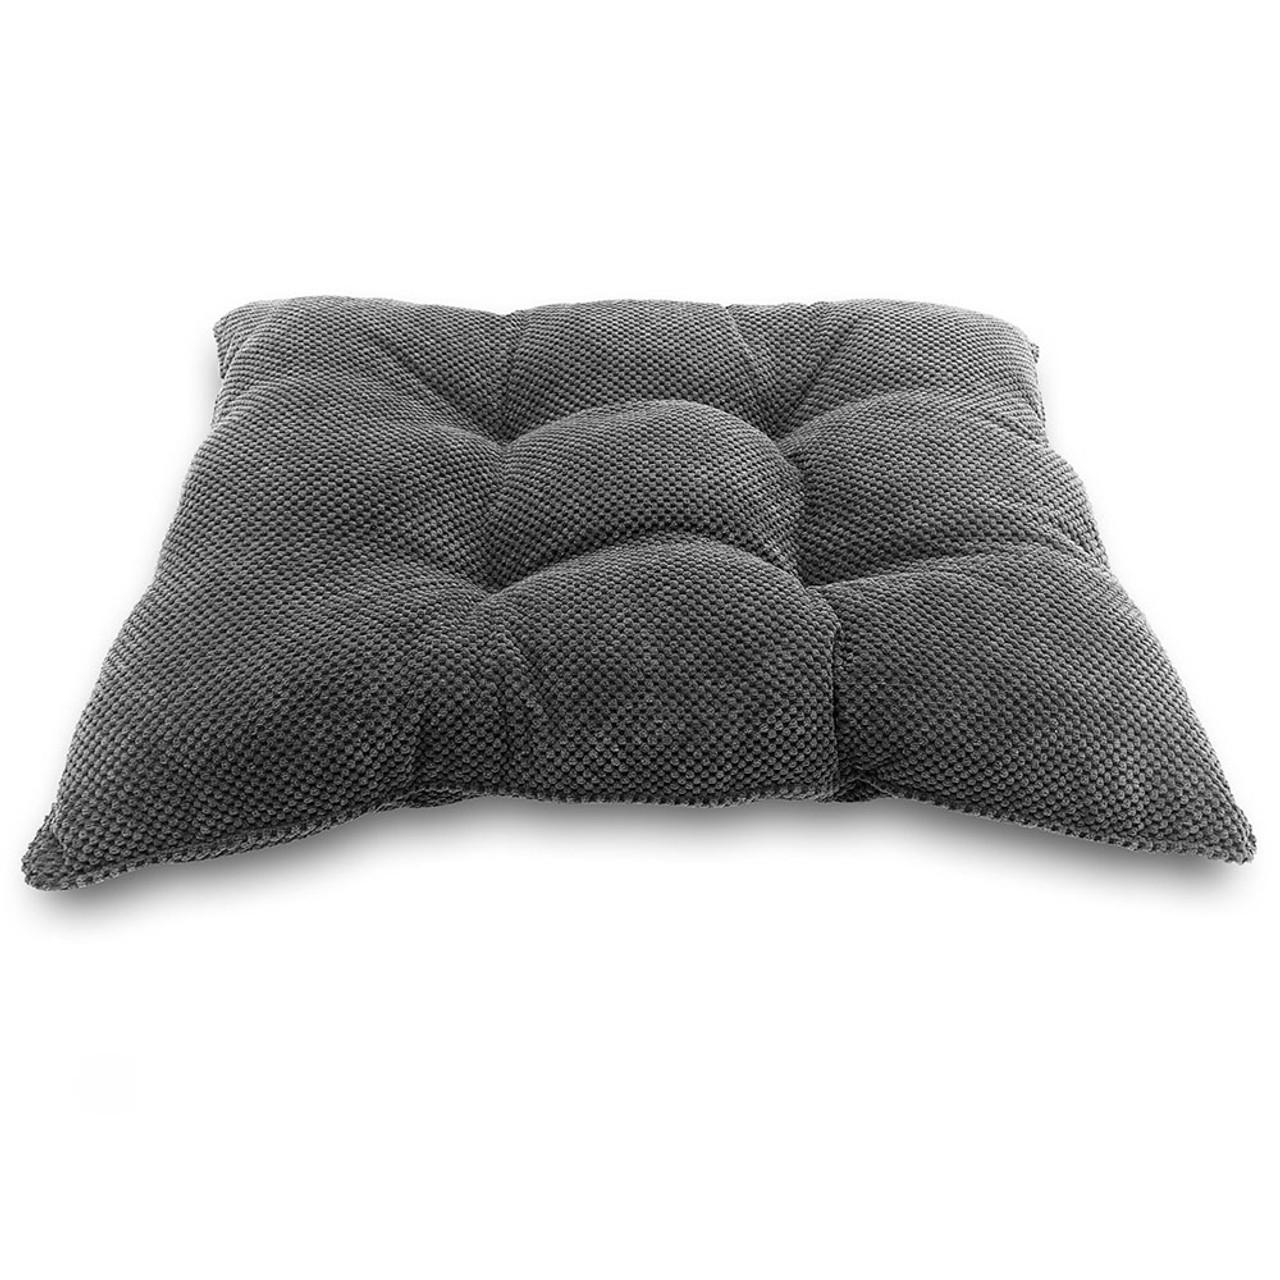 Pure Comfort Pillow Gray Dog Crate Mat